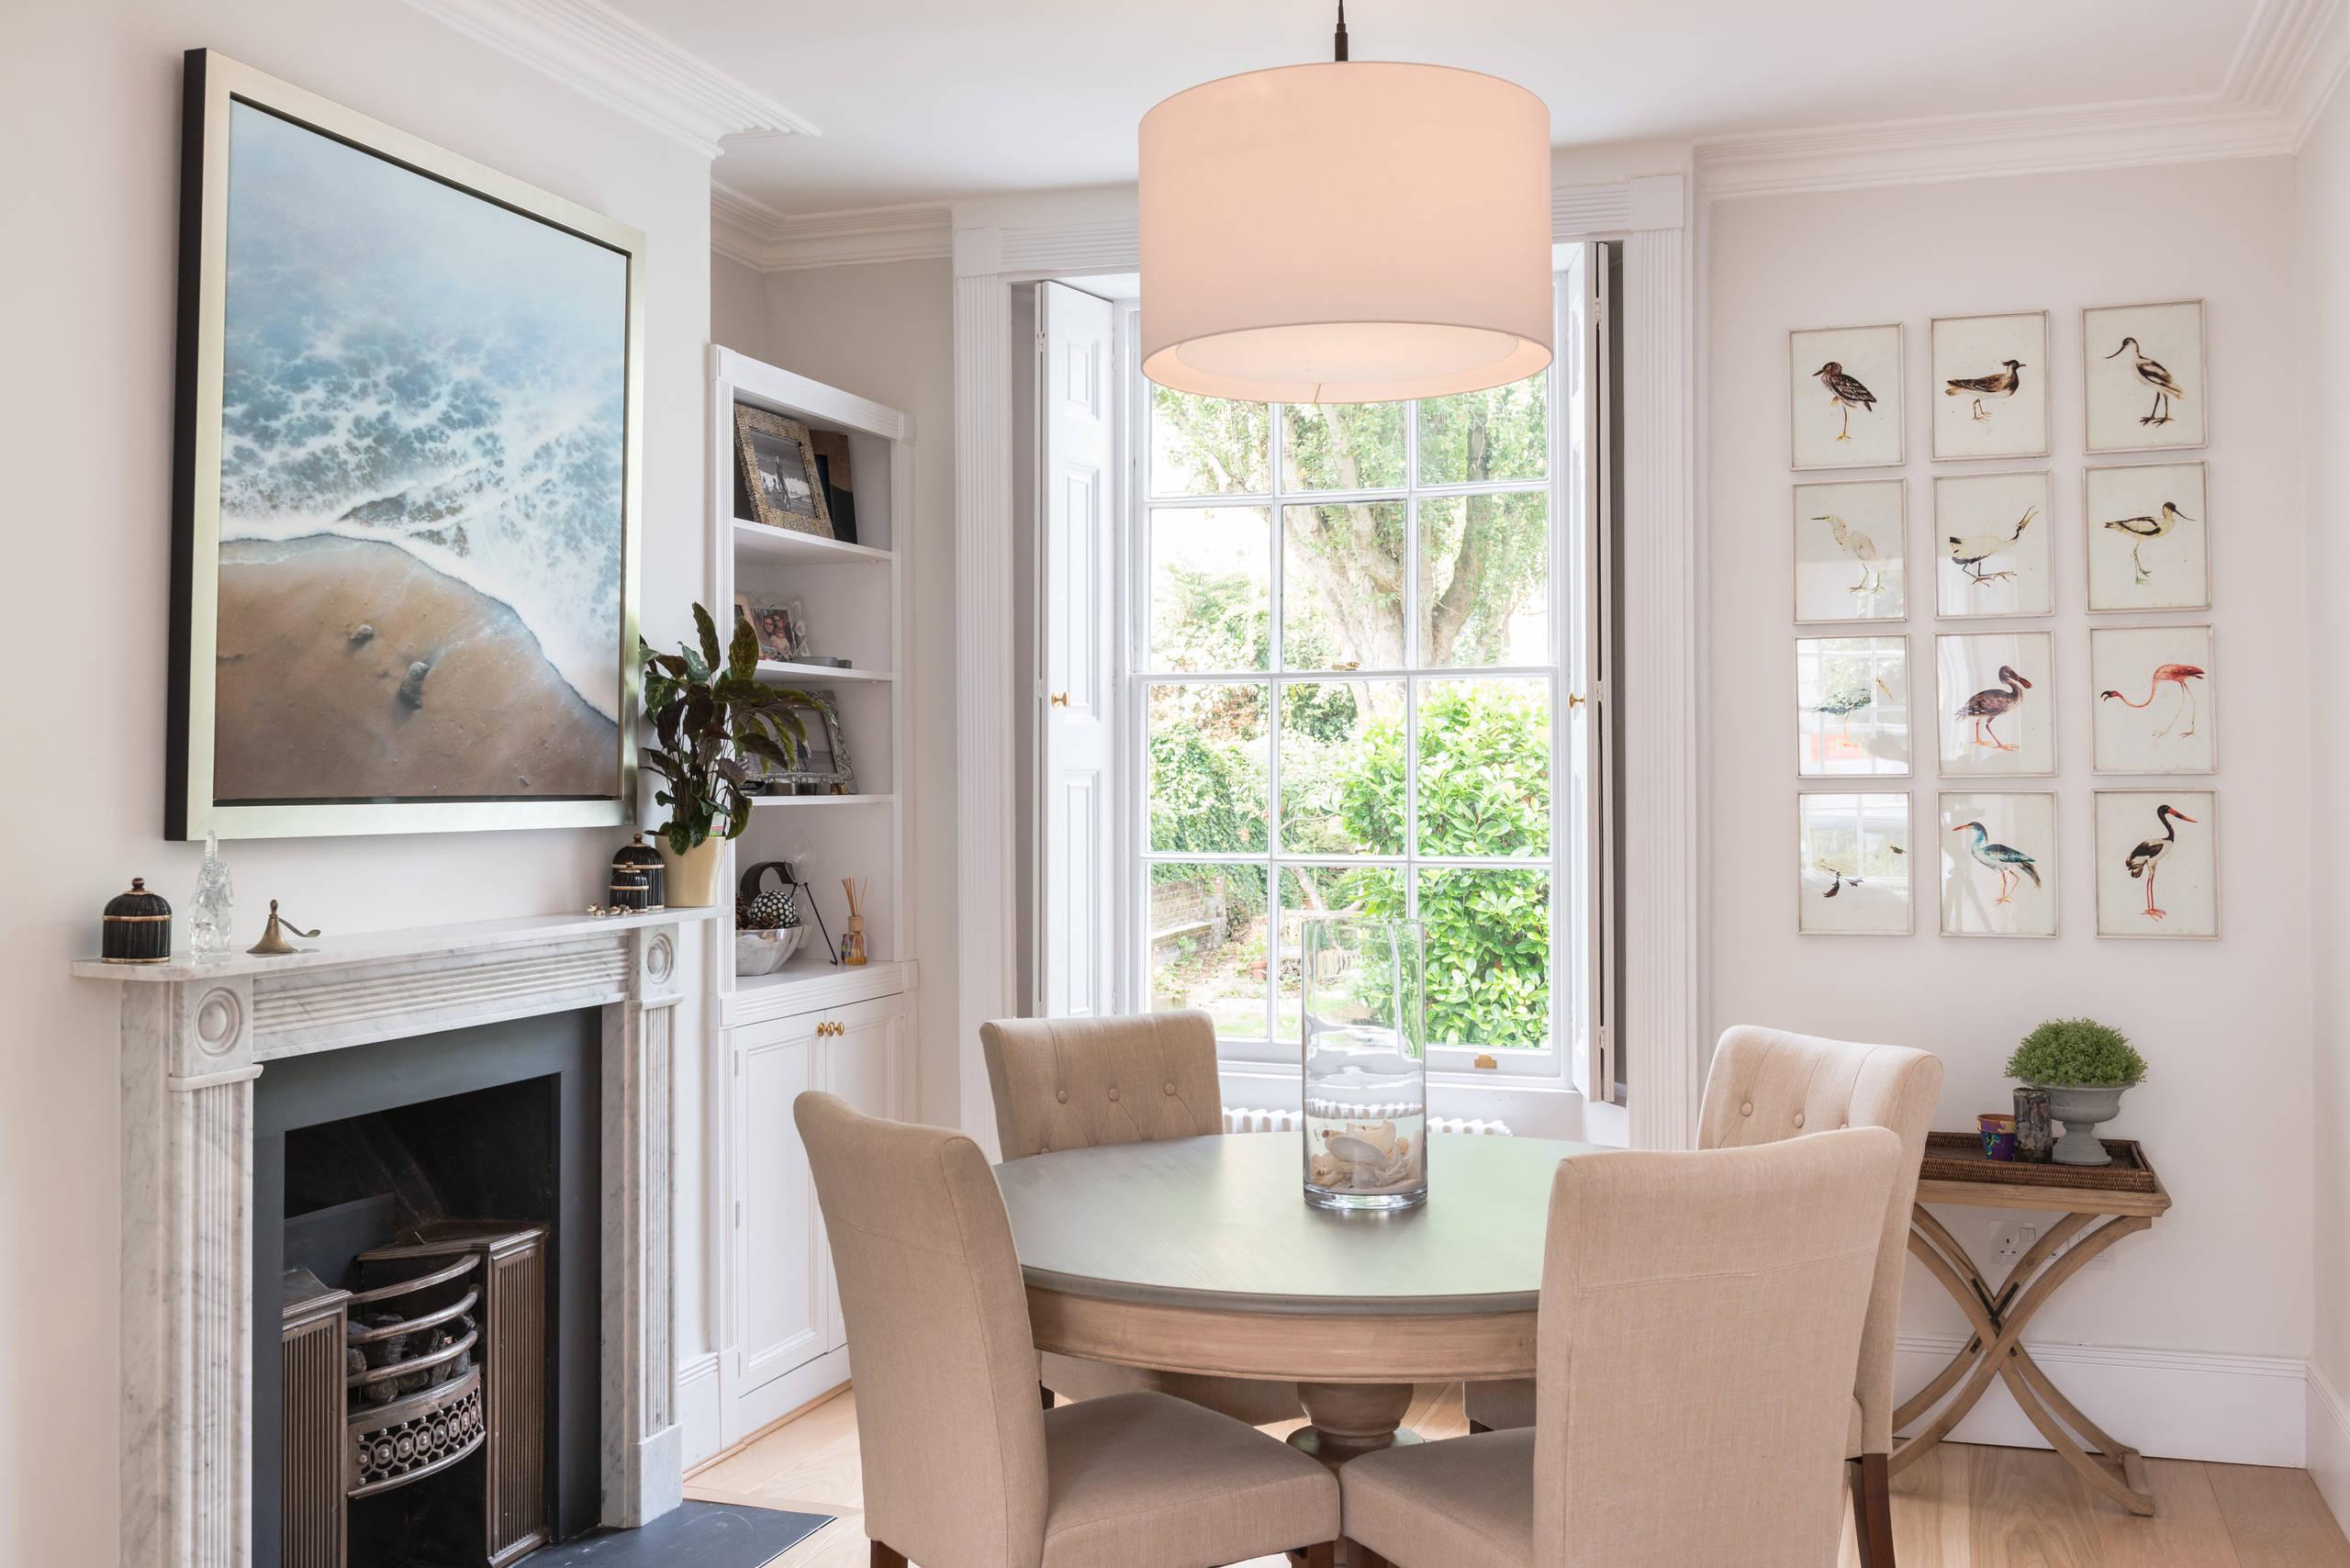 Table ronde - une solution universelle pour n'importe quel appartement